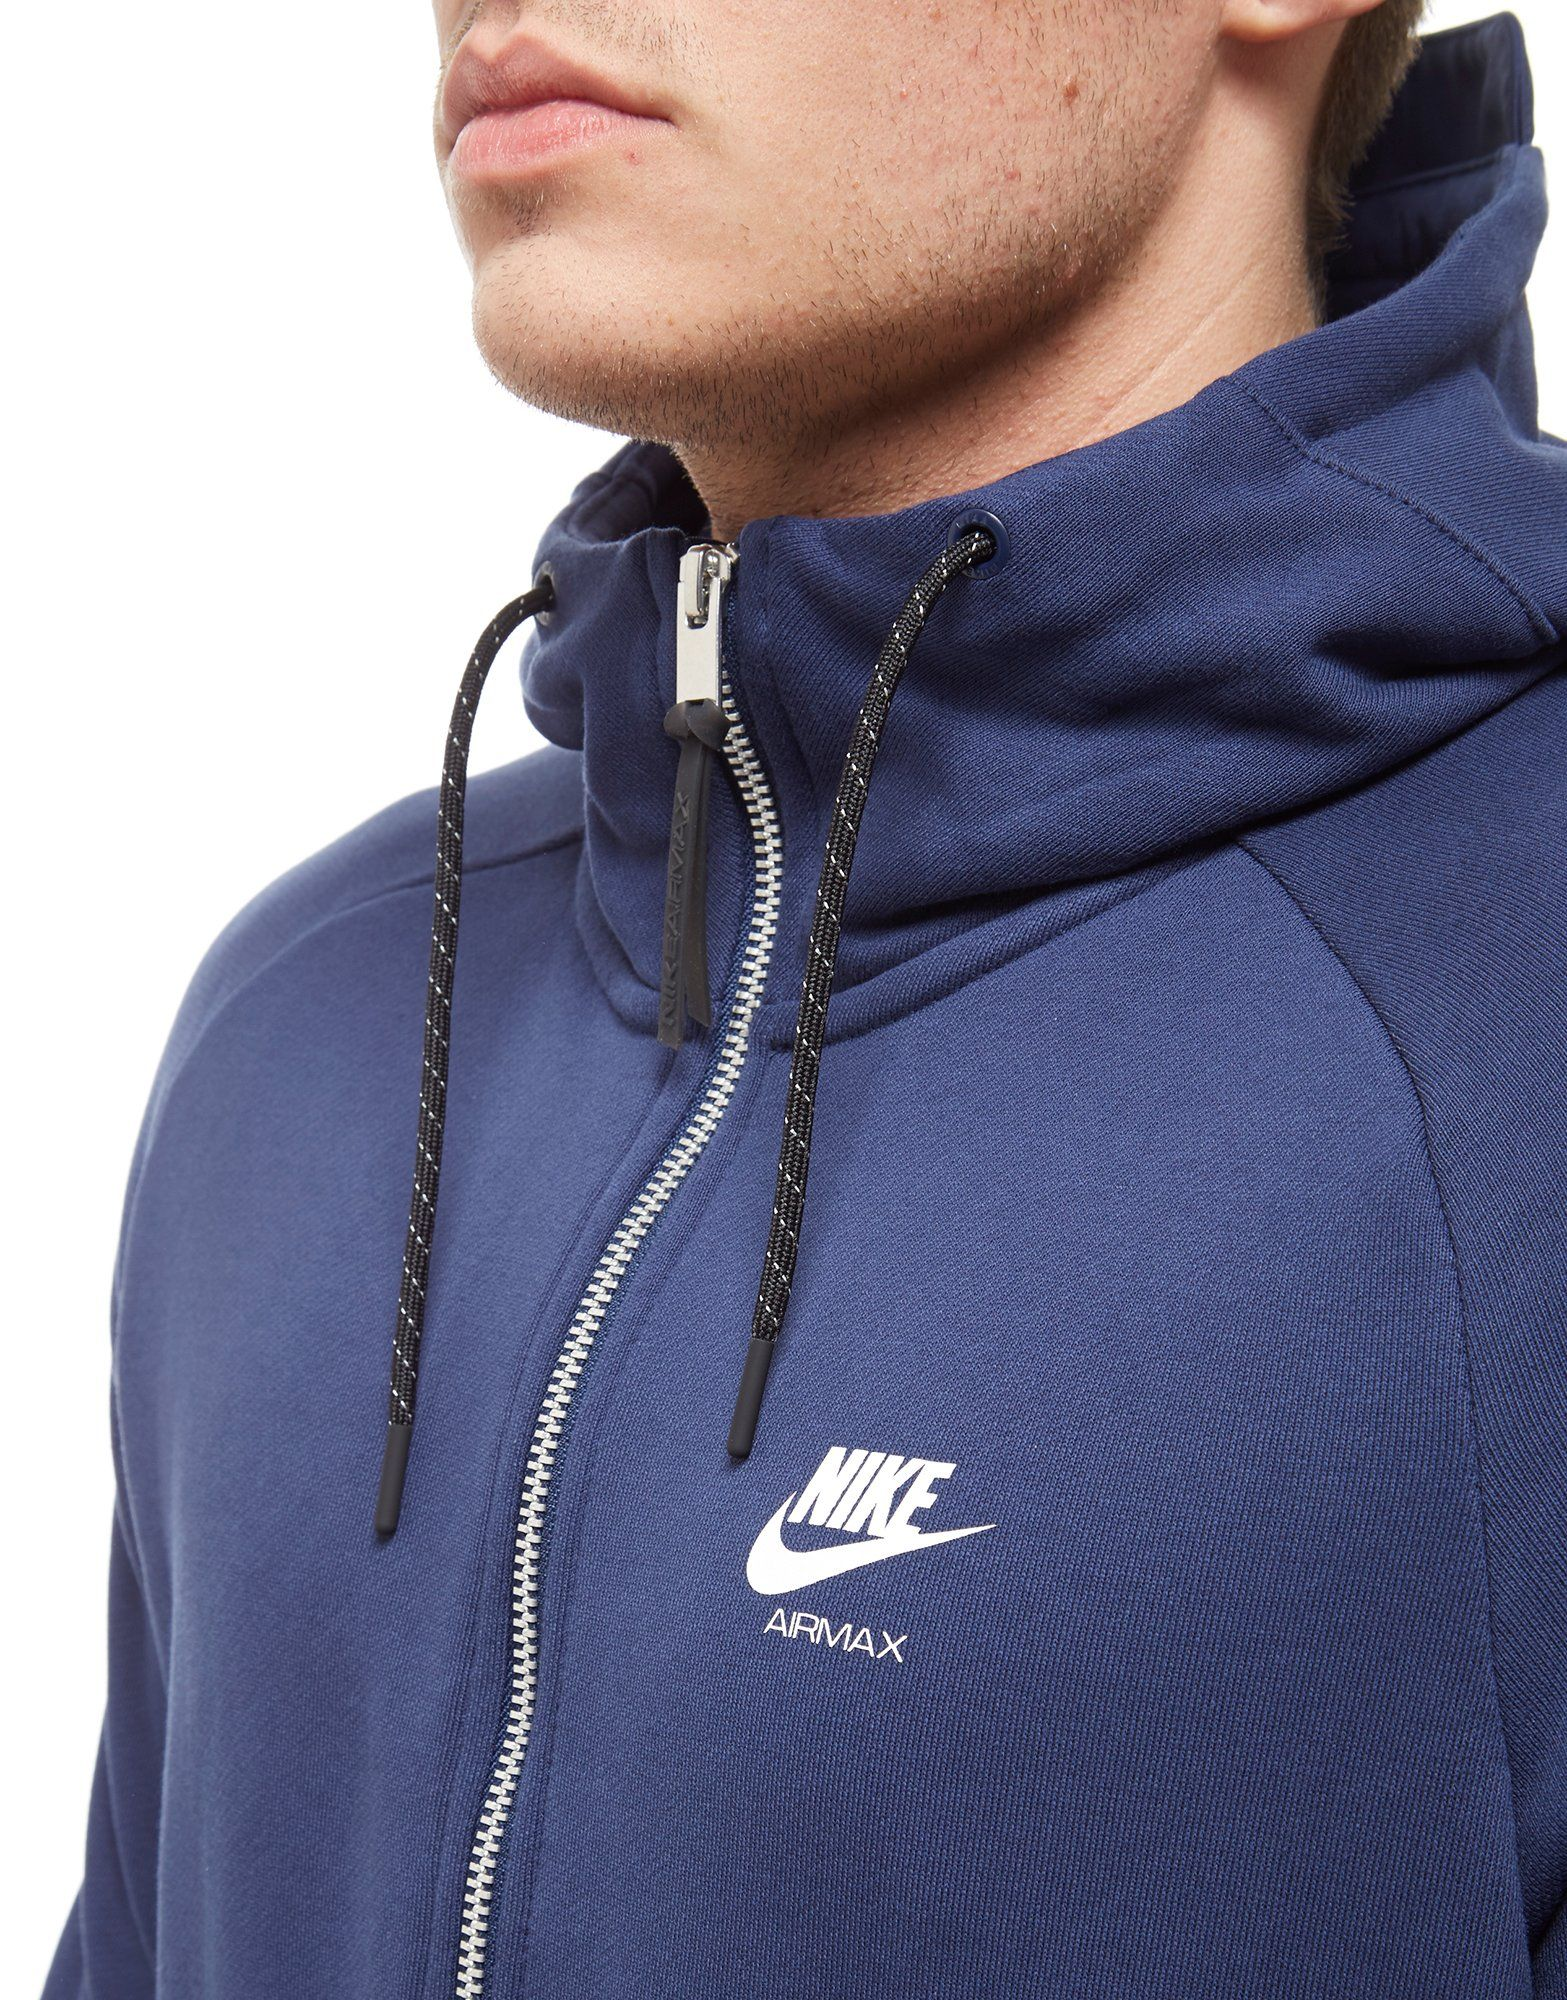 Nike (UK)AIR MAX FT OH HD NAVY$